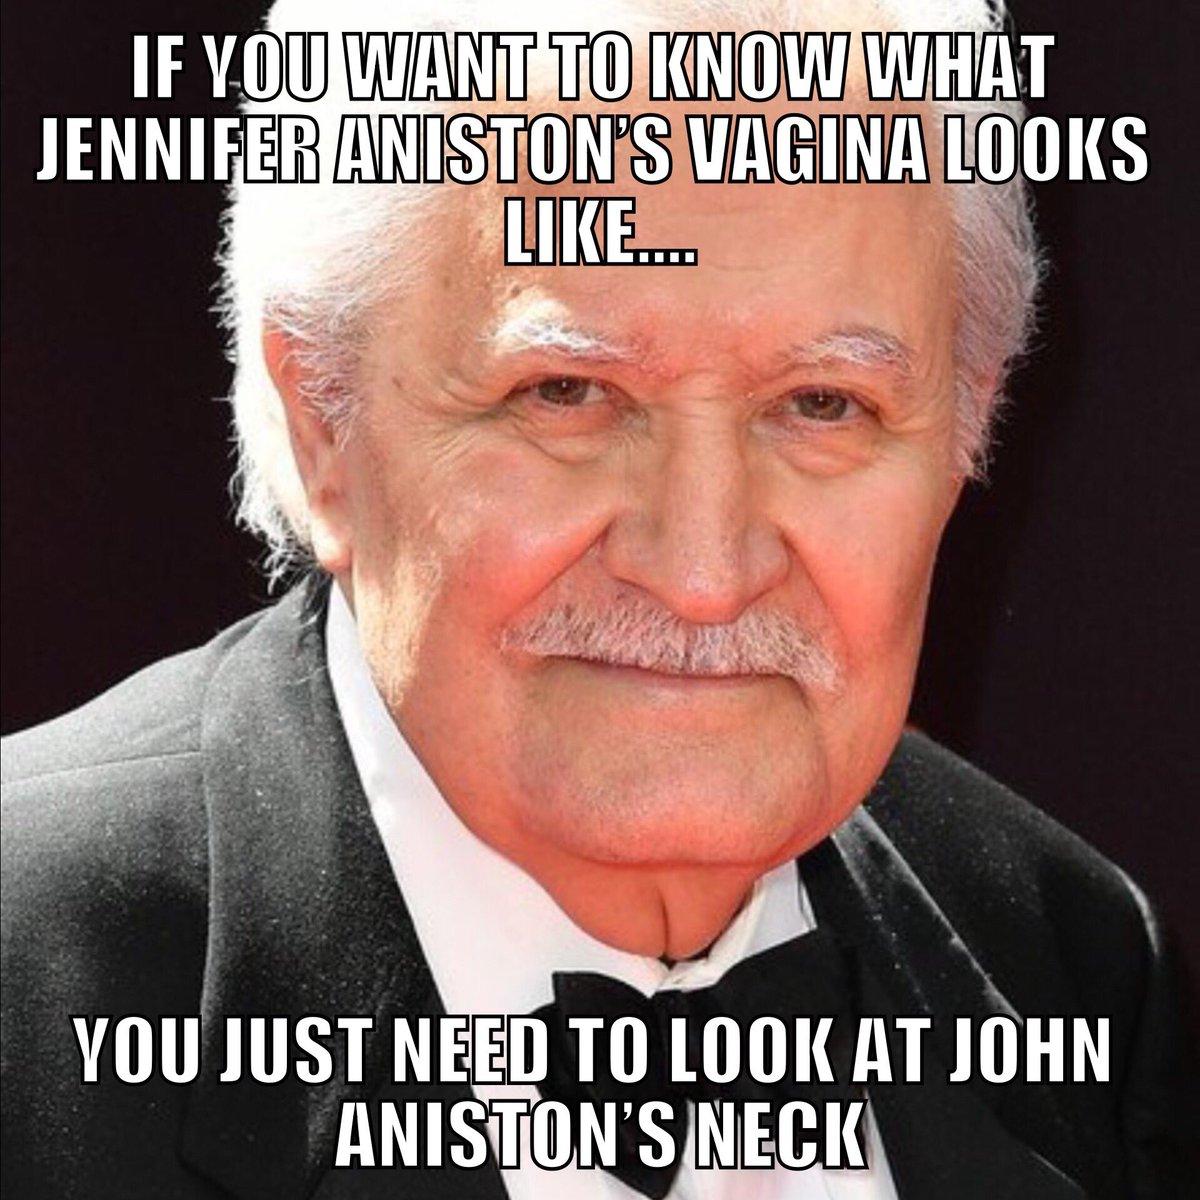 Funny Dirty Memes On Twitter Memes Jokes Funnymemes Humor